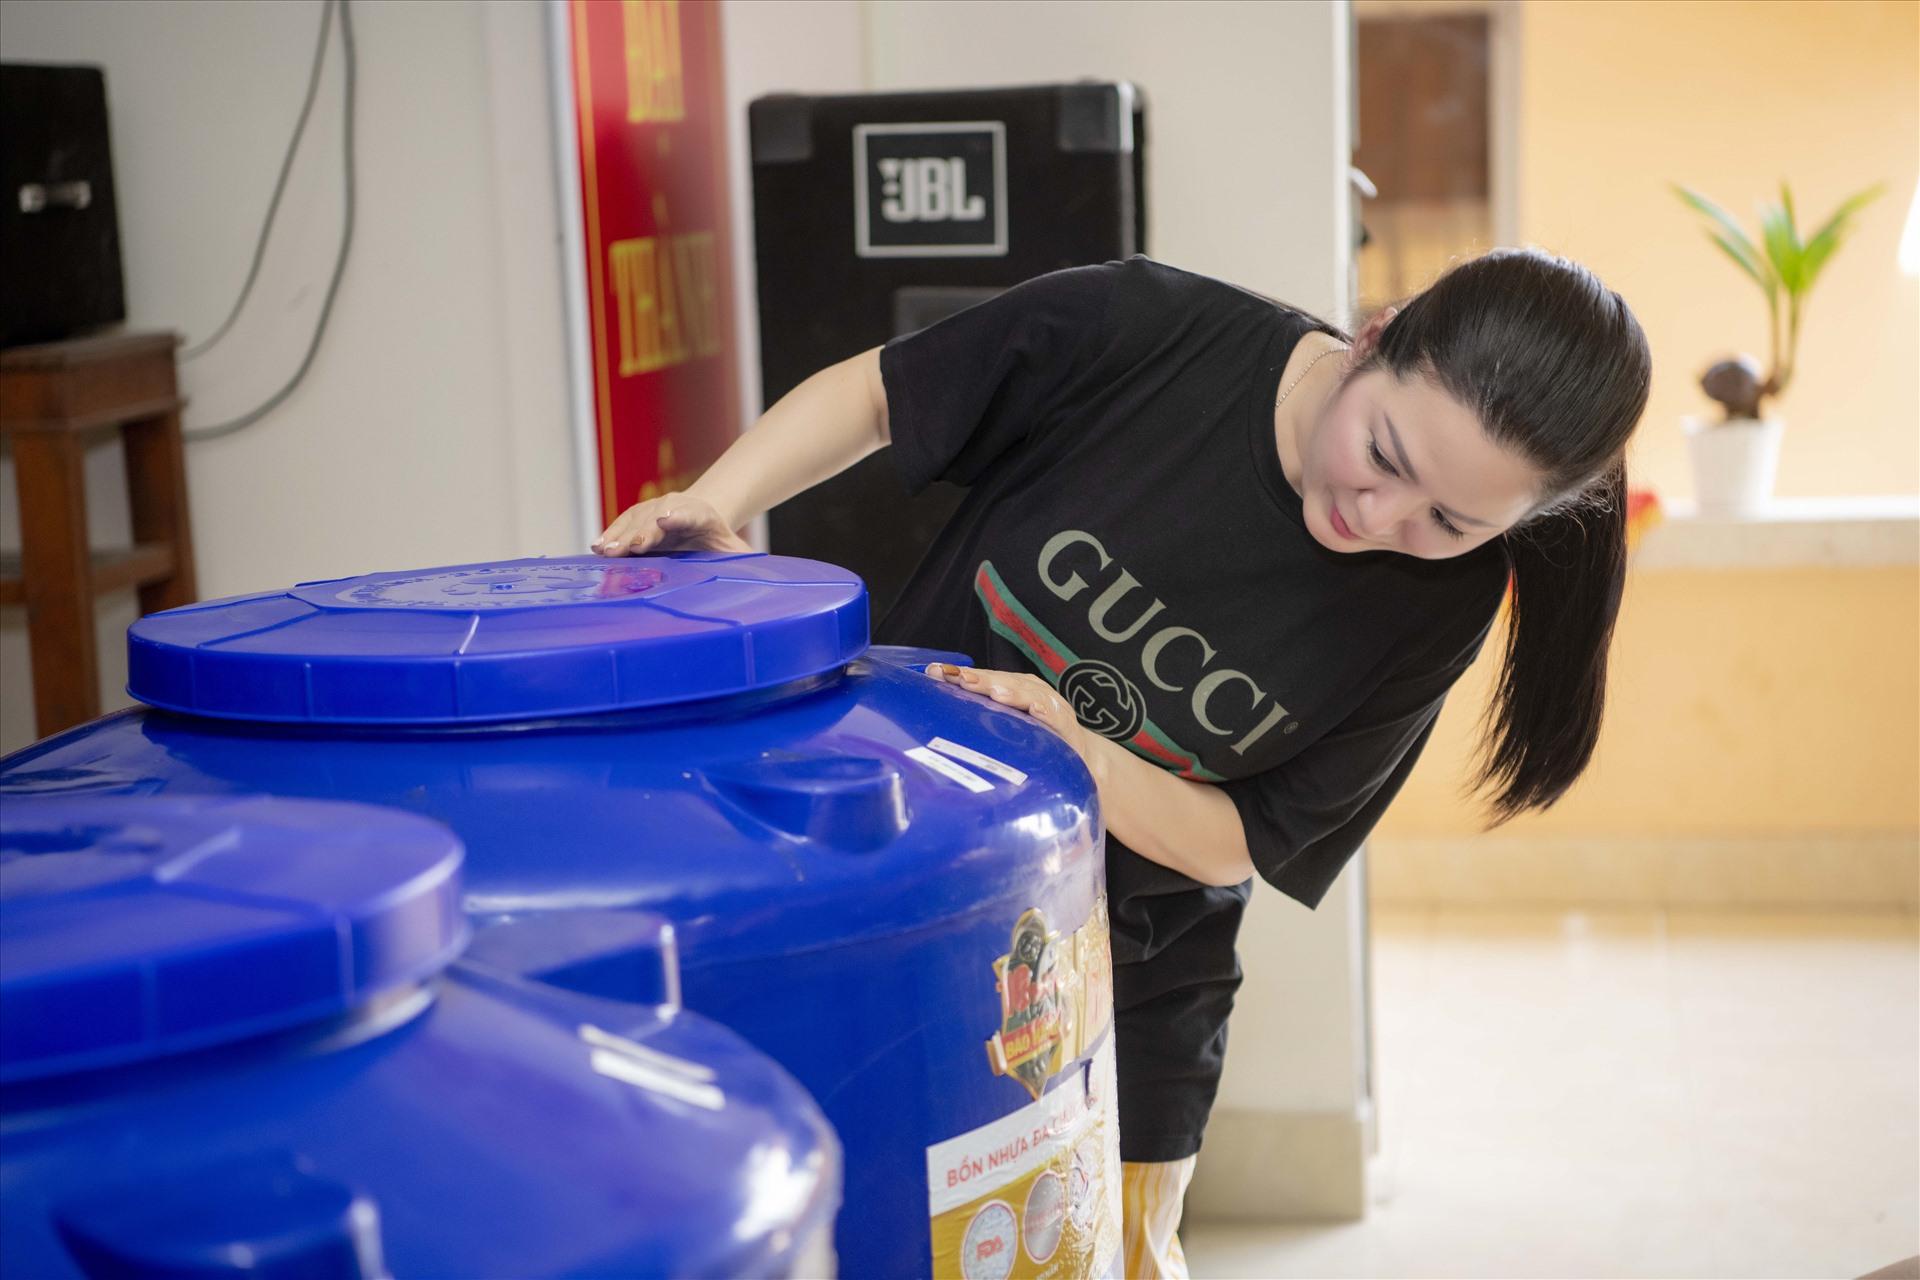 Ca sĩ Đinh Hiền Anh hỗ trợ bà con tại Bến Tre vượt qua khó khăn hạn mặn. Ảnh: Nhân vật cung cấp.